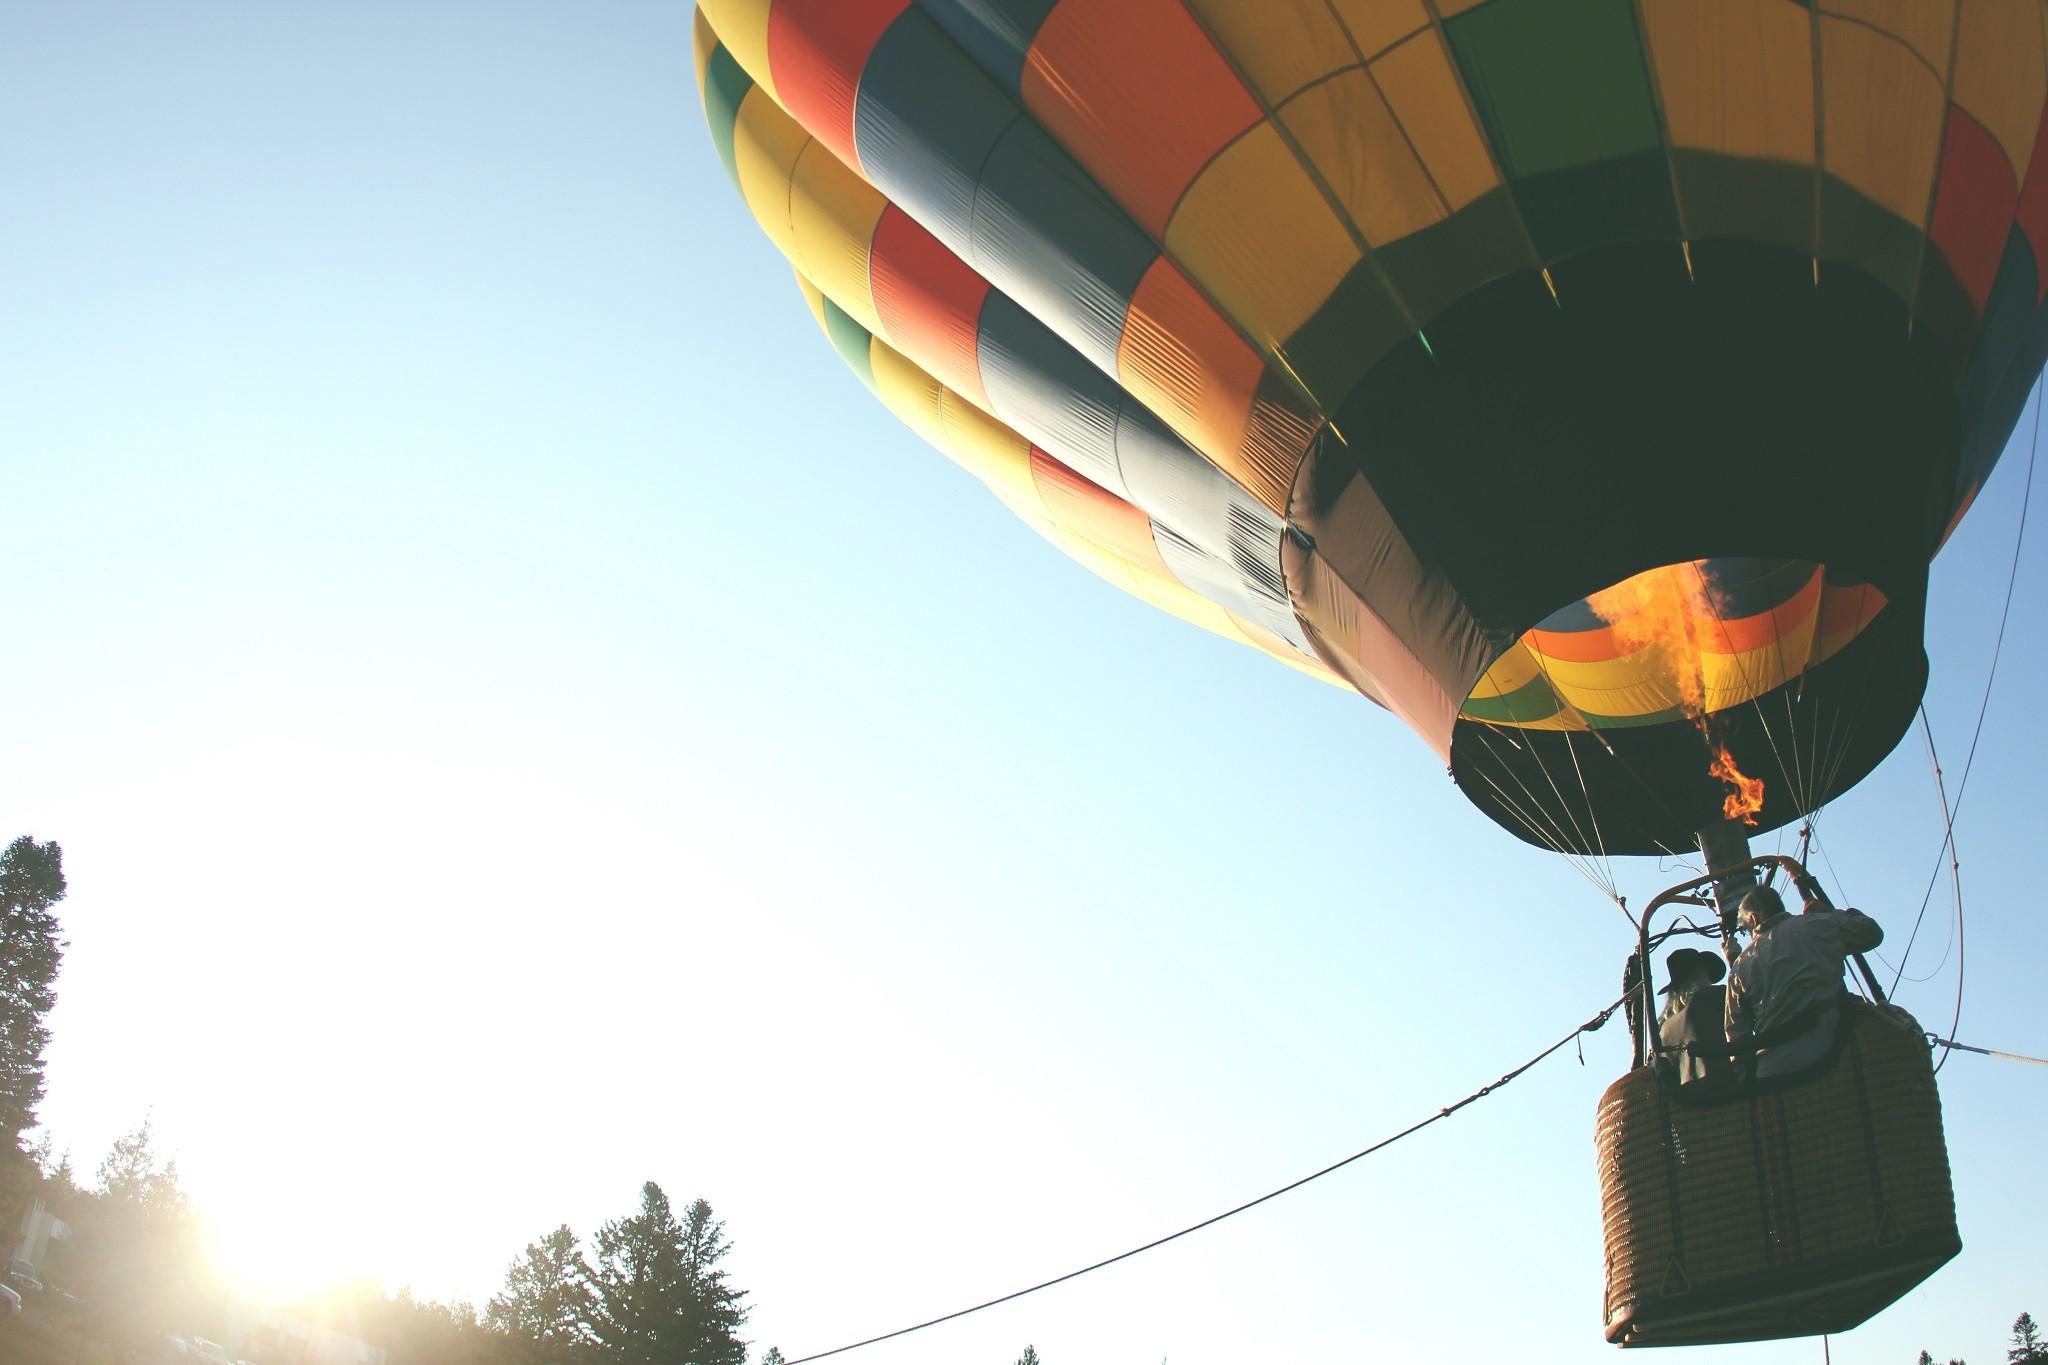 Fedor Konyukhov Balloon Flight 12/07/2016 Northam, Western Australia